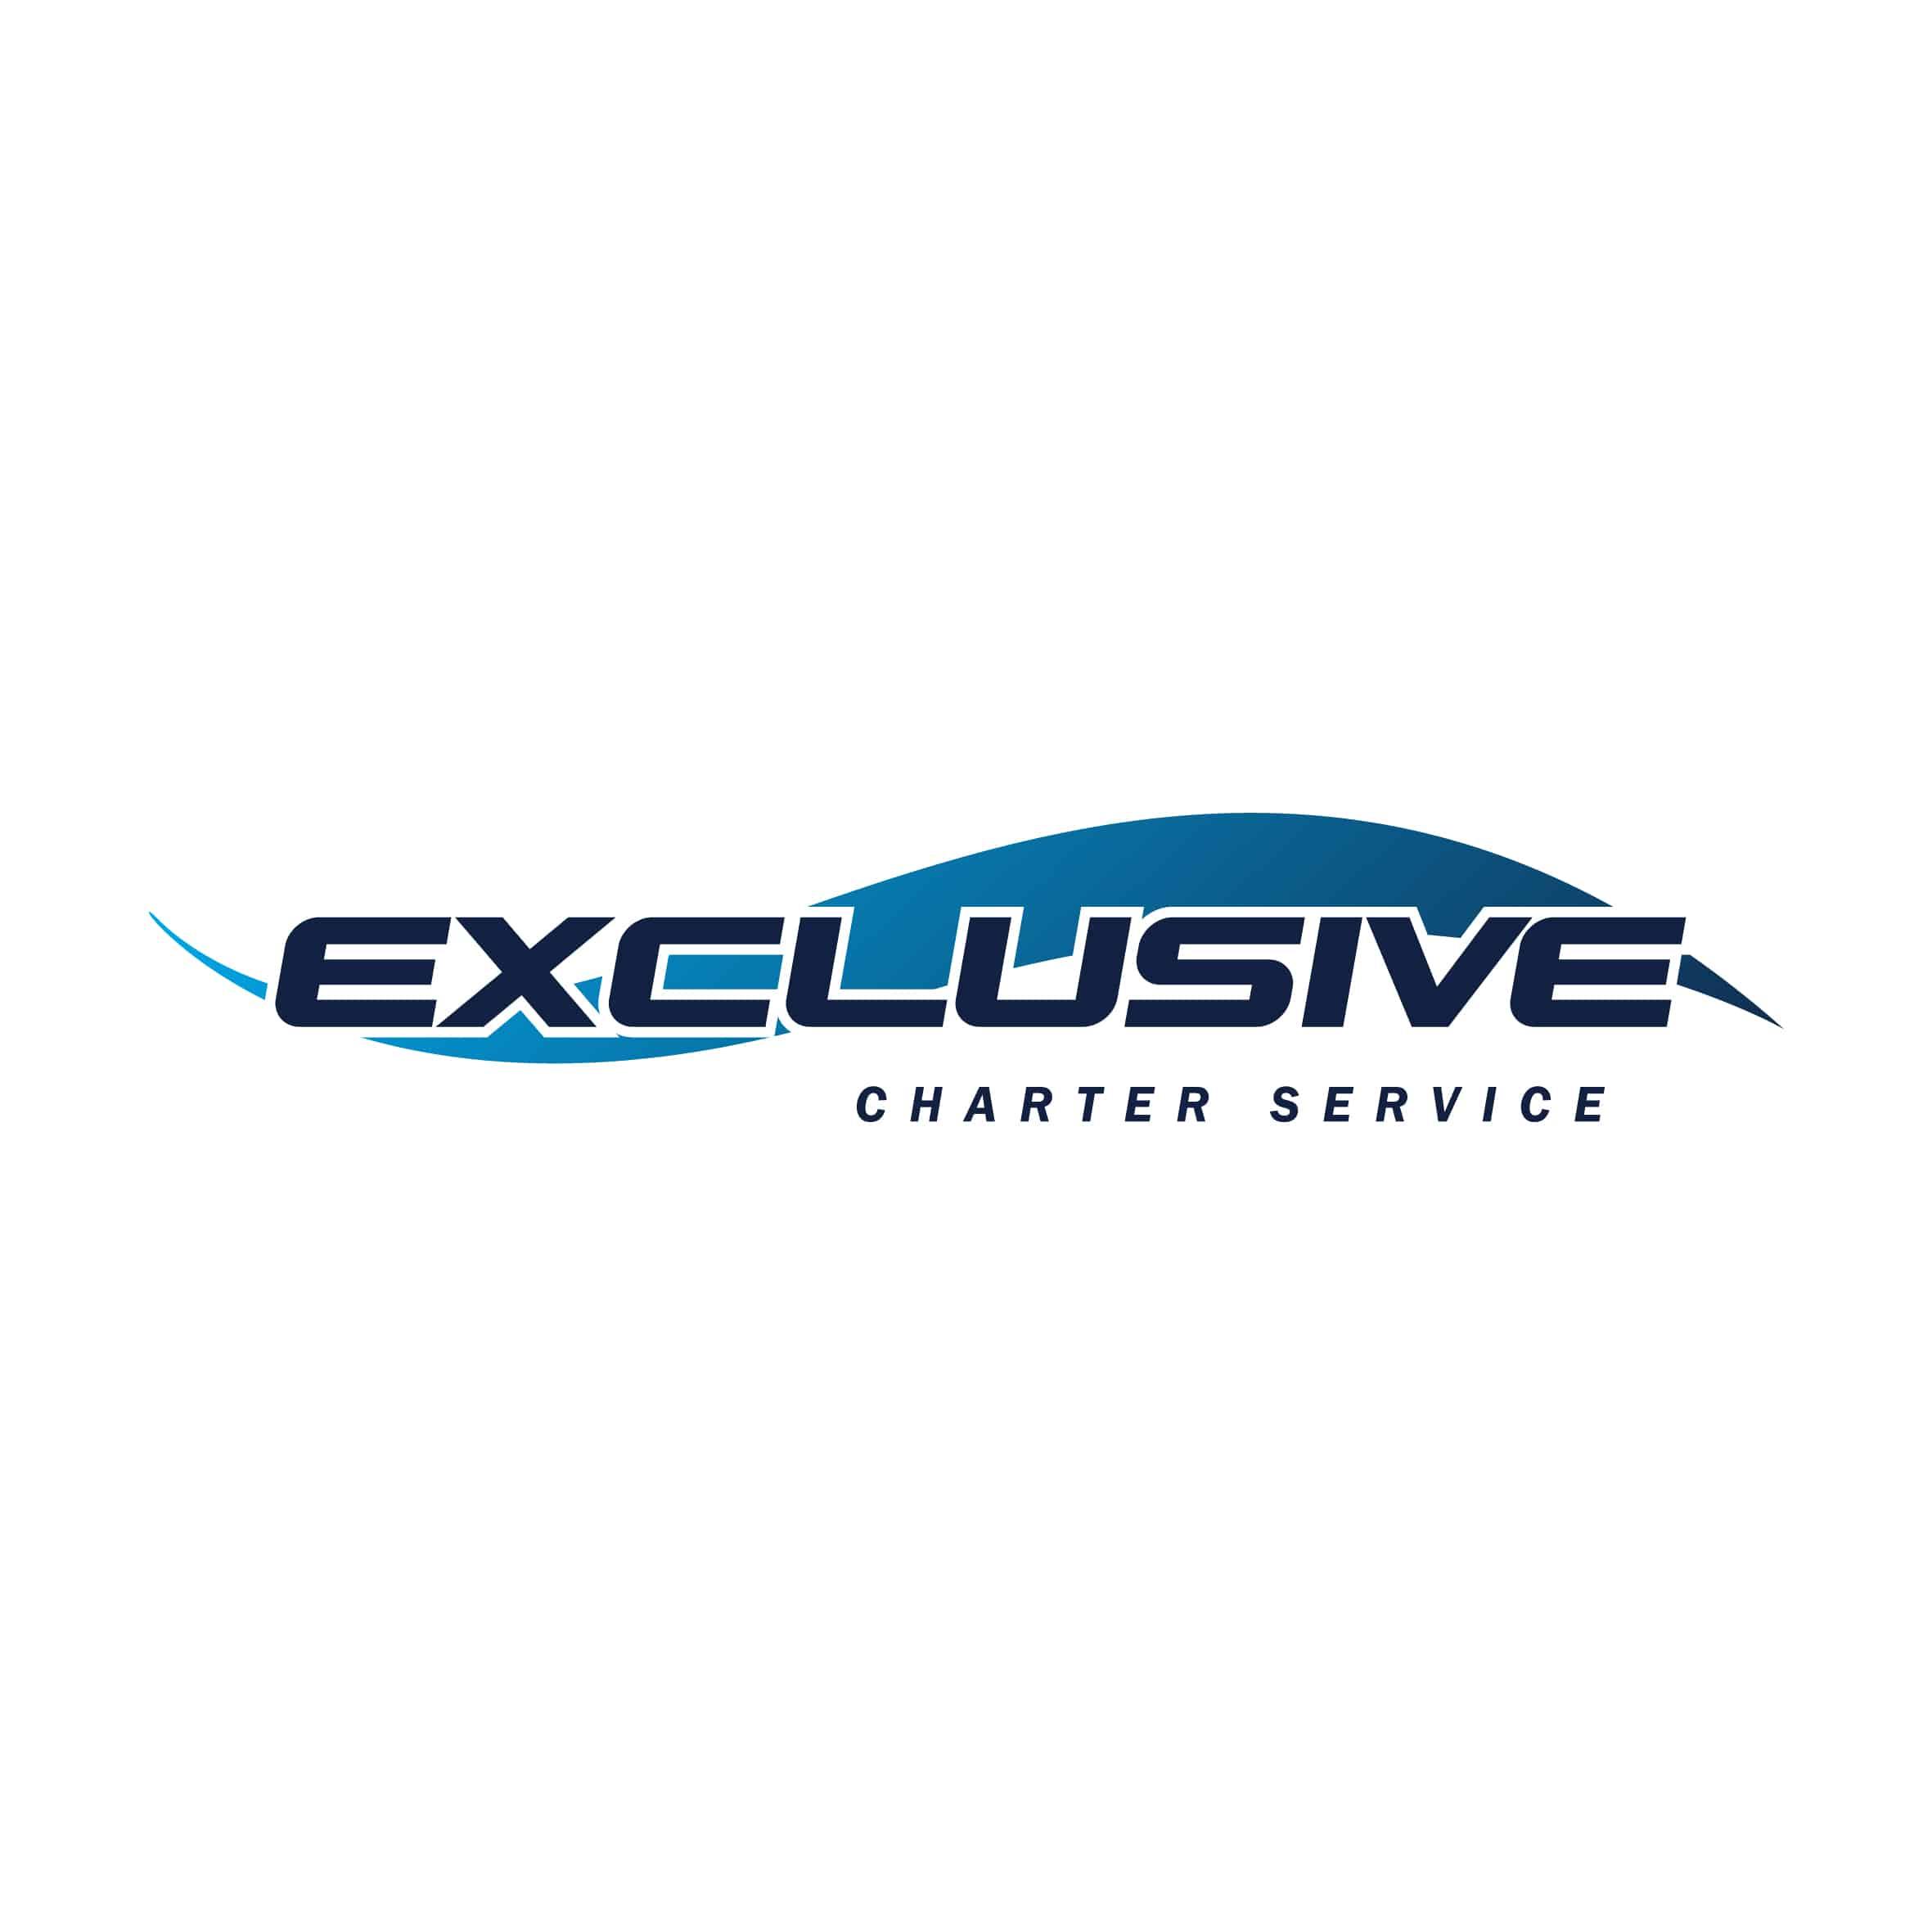 exclusiveCharter